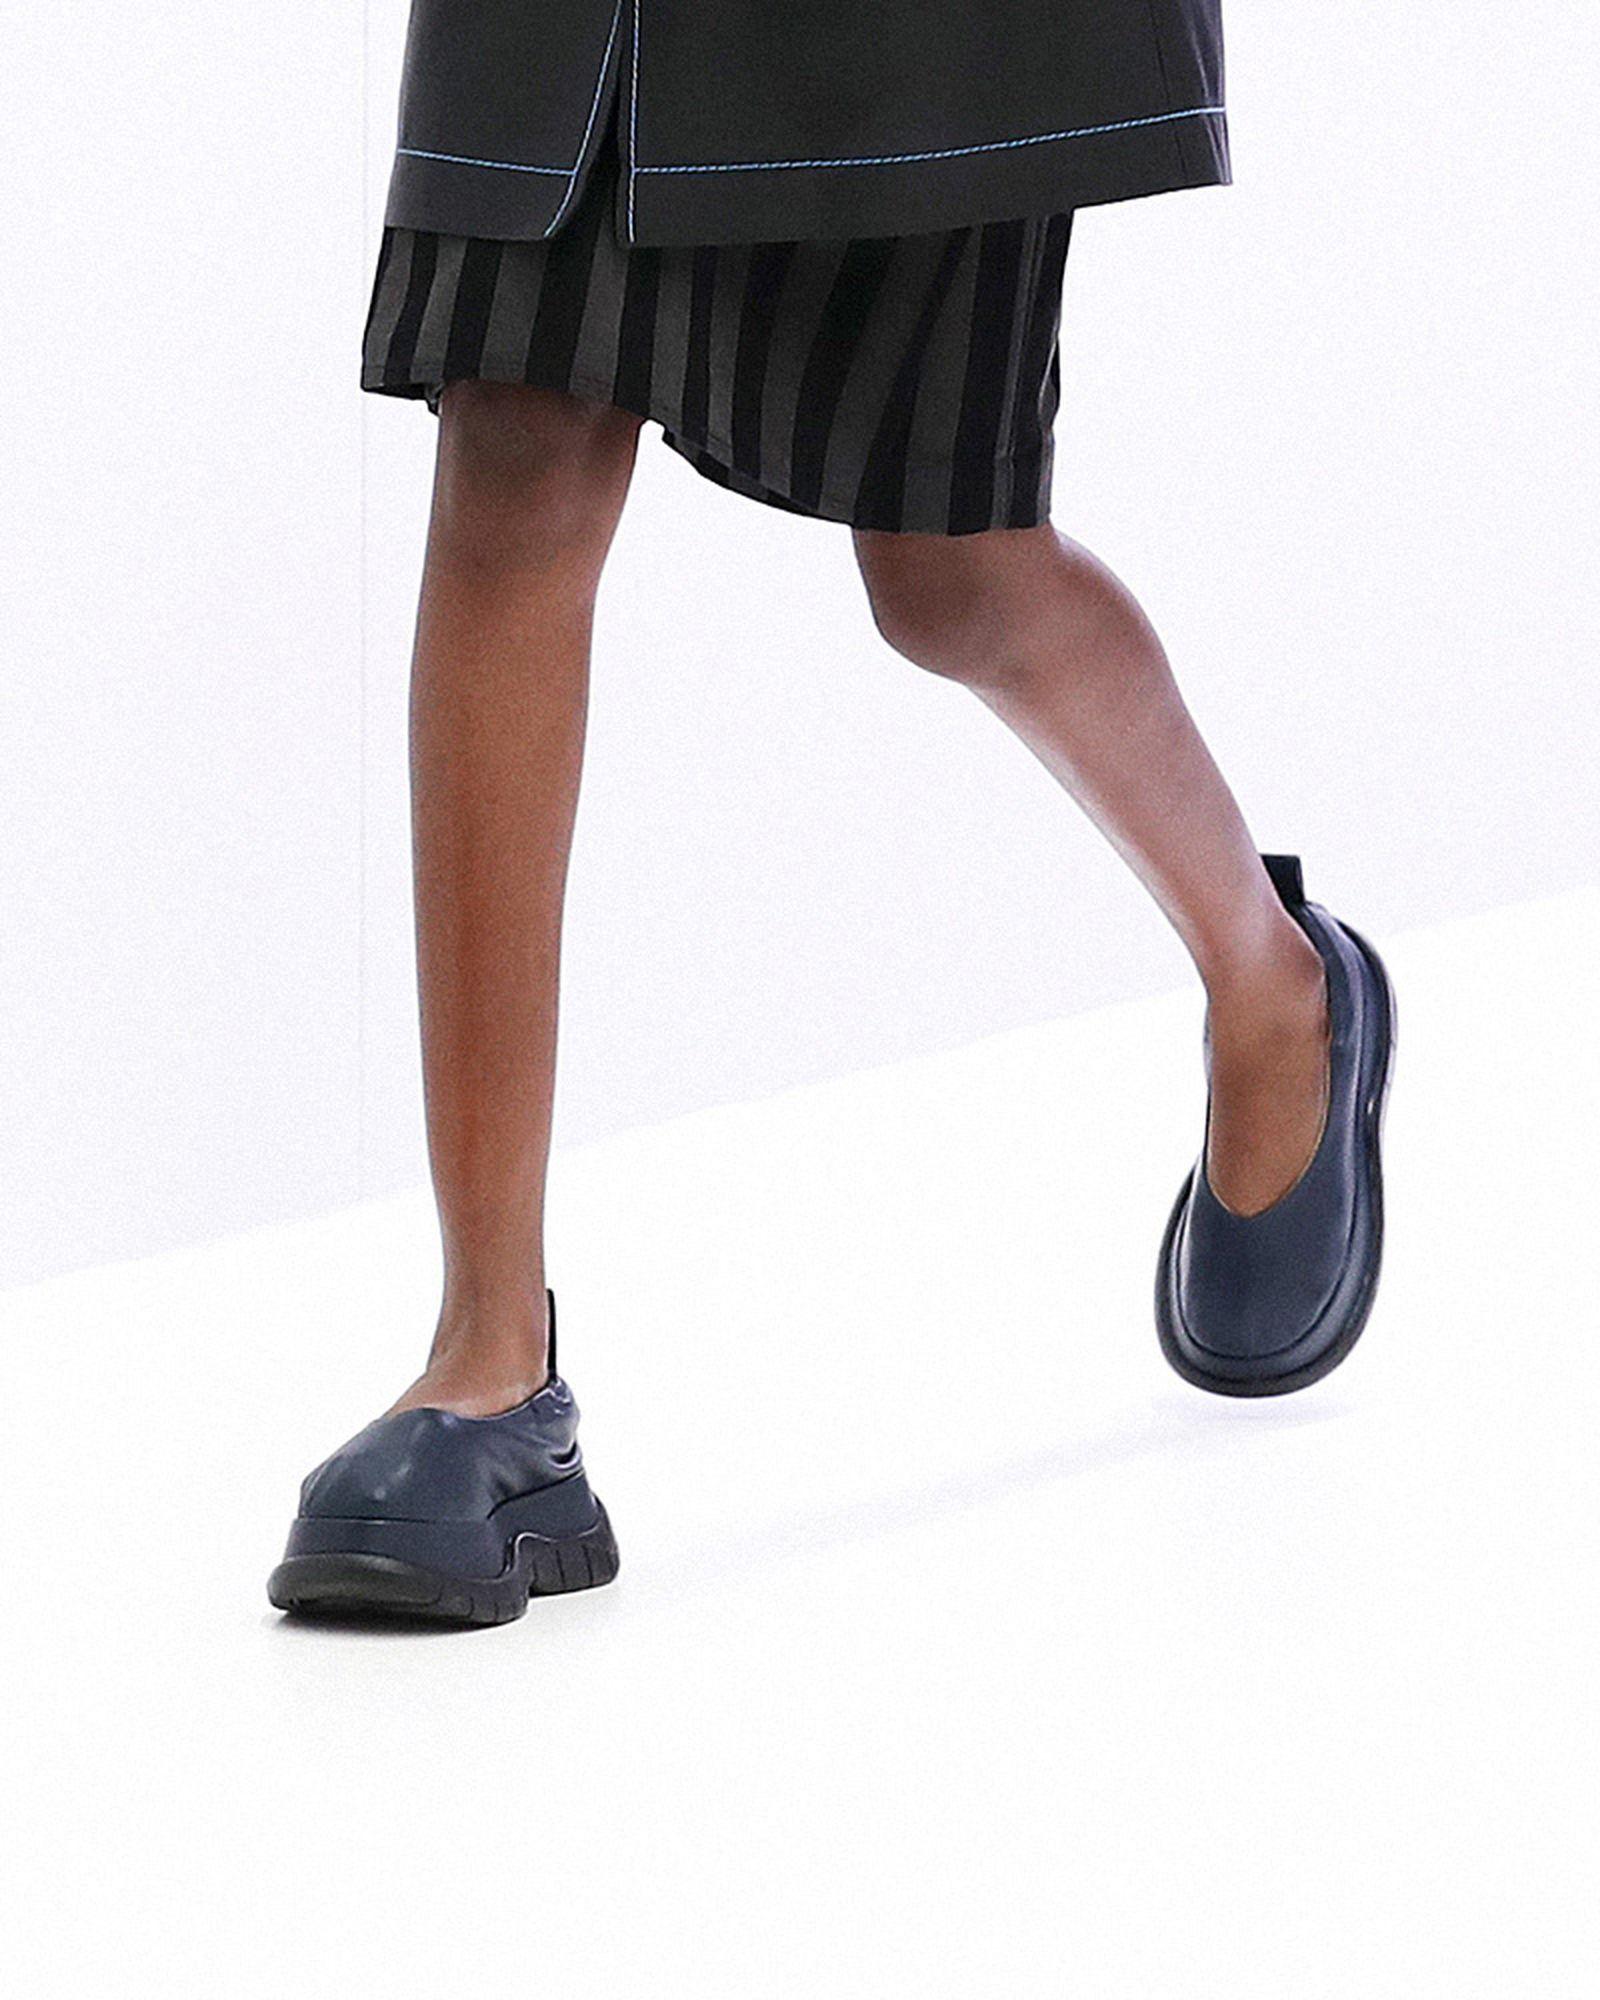 fashion-week-ss22-sneaker-roundup-11